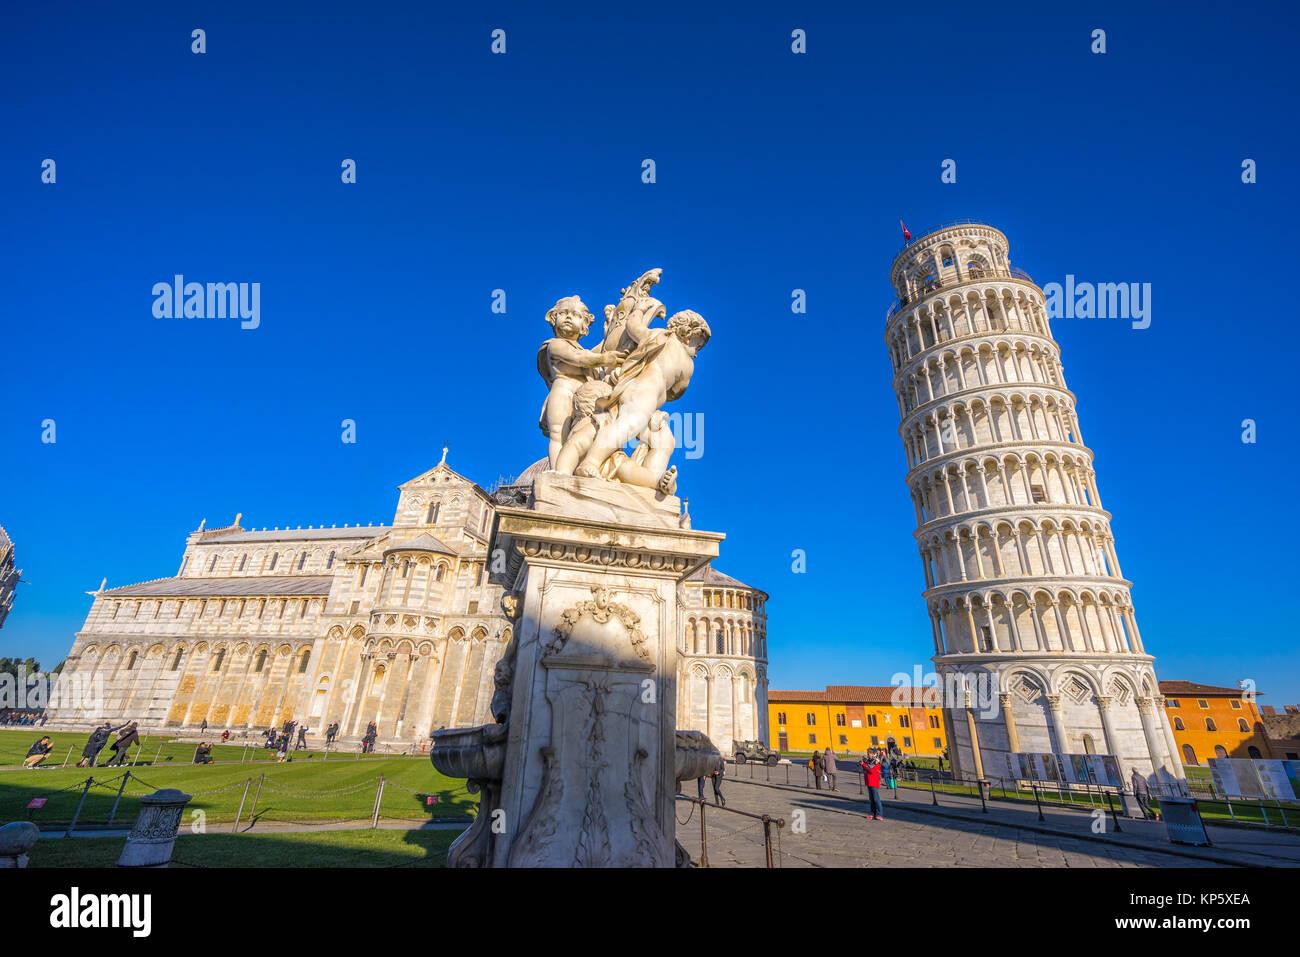 Pisa, der schiefe Turm. Toskana, Italien. Stockbild